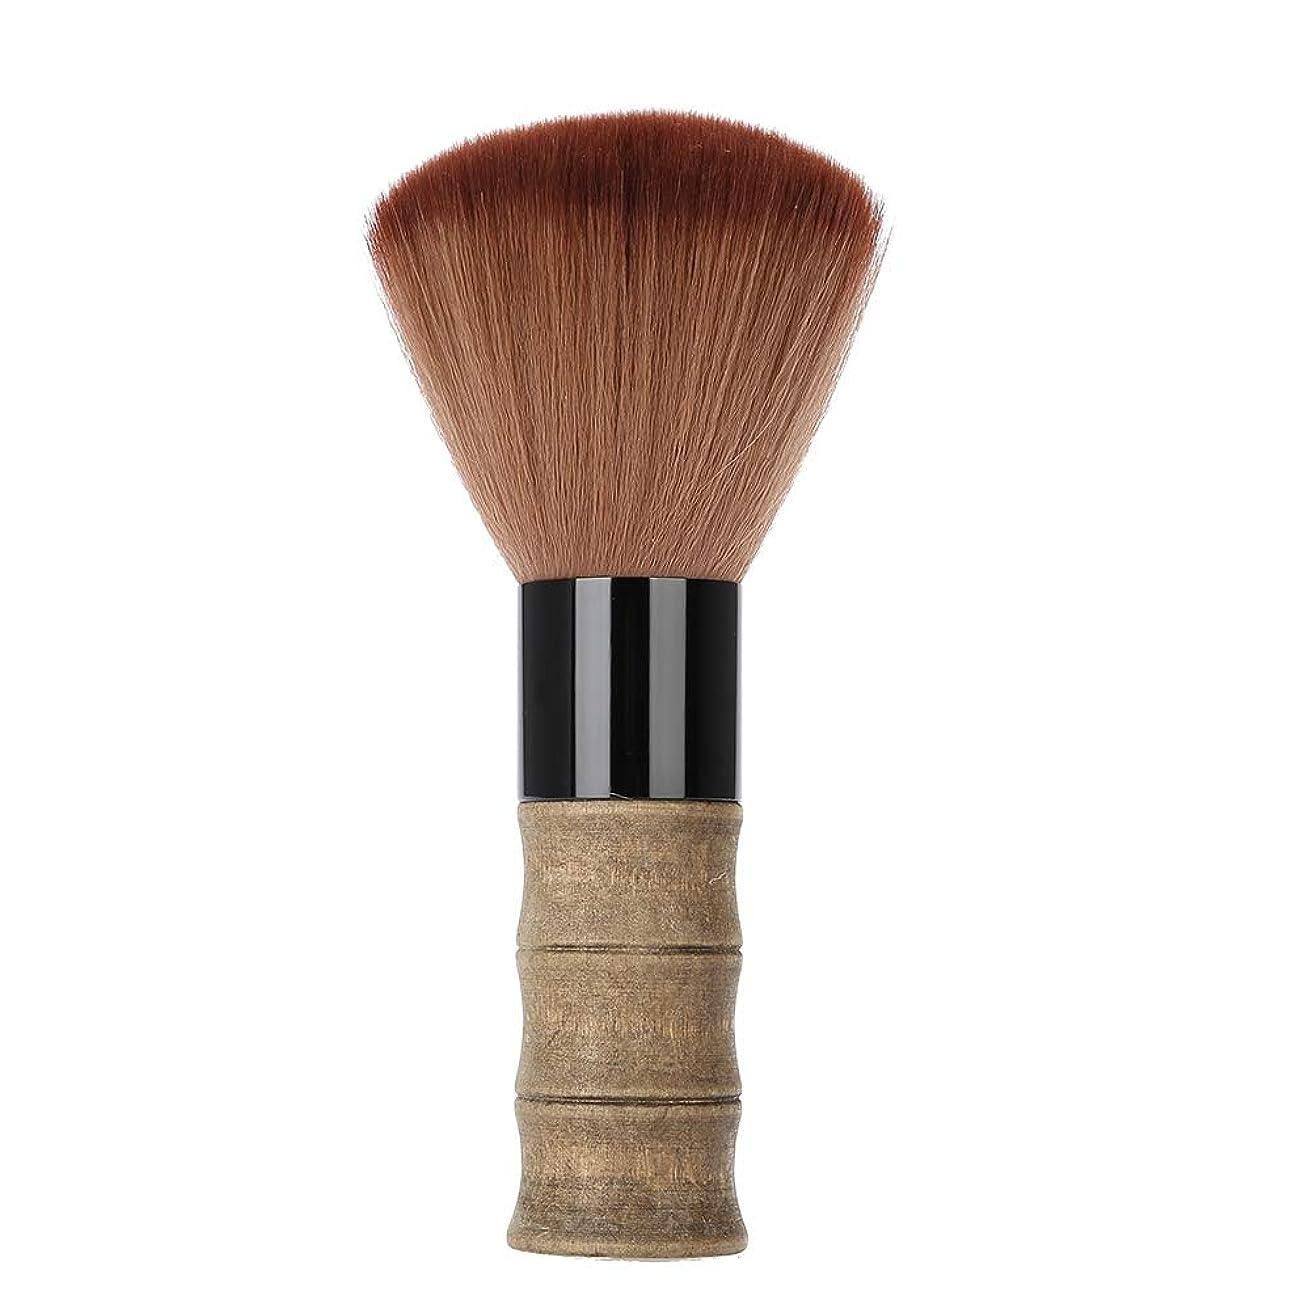 クレア徹底的に最小ヘアブラシ ヘアカット ヘアスポンジ ネック理髪店 掃除前髪 美容院 家用 携帯用